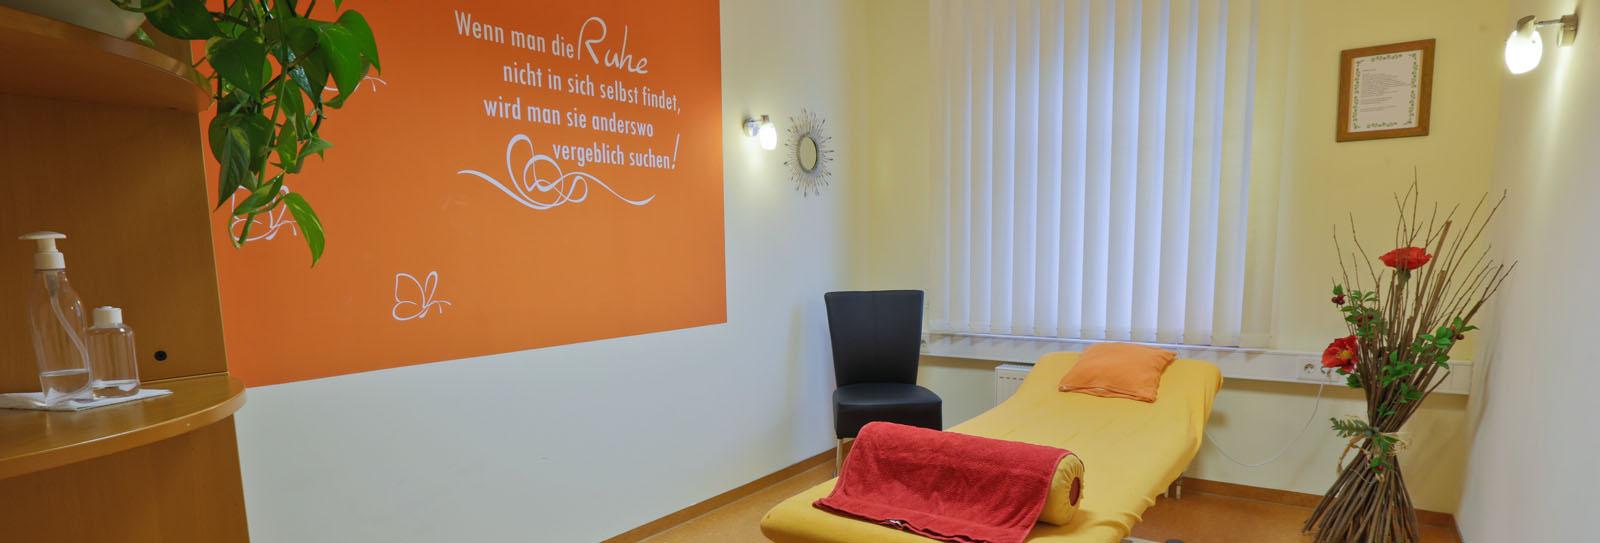 Praxis für Physiotherapie Jochen Auer